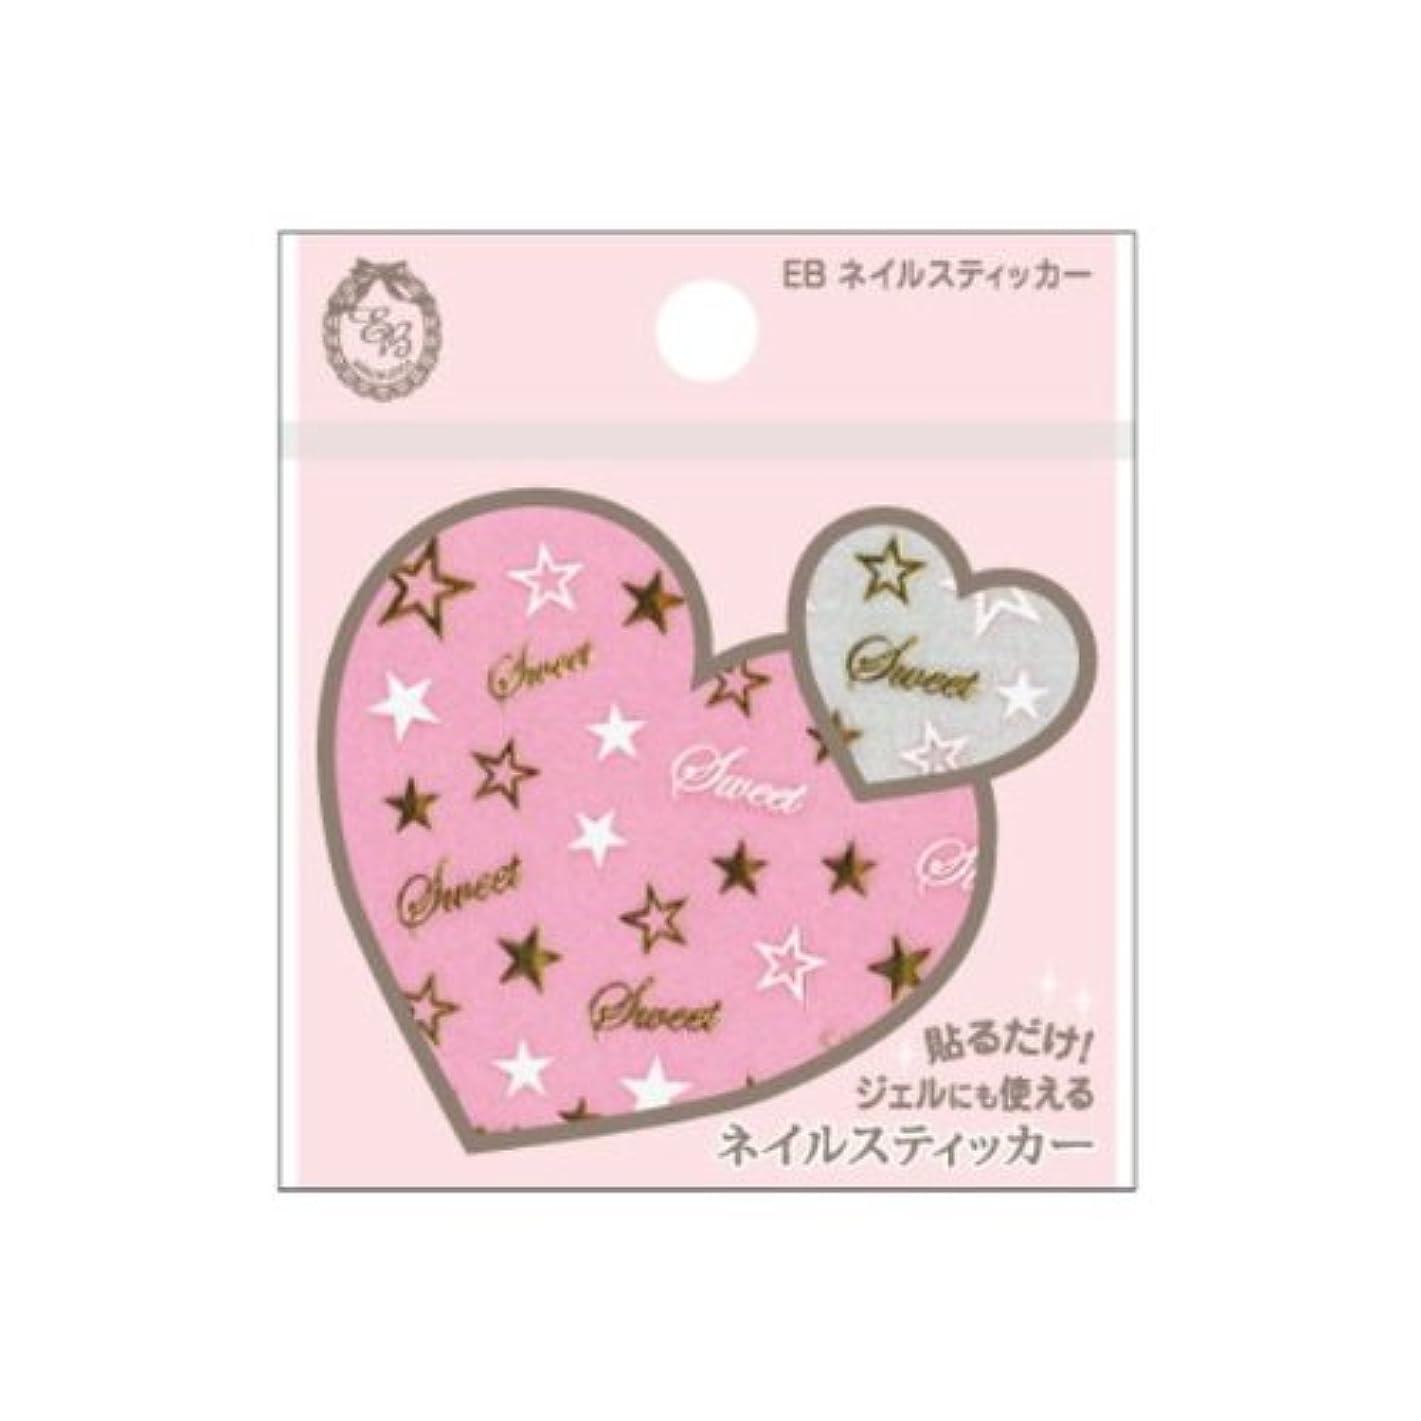 降臨壁紙メガロポリスEB ネイルスティッカー haru-09